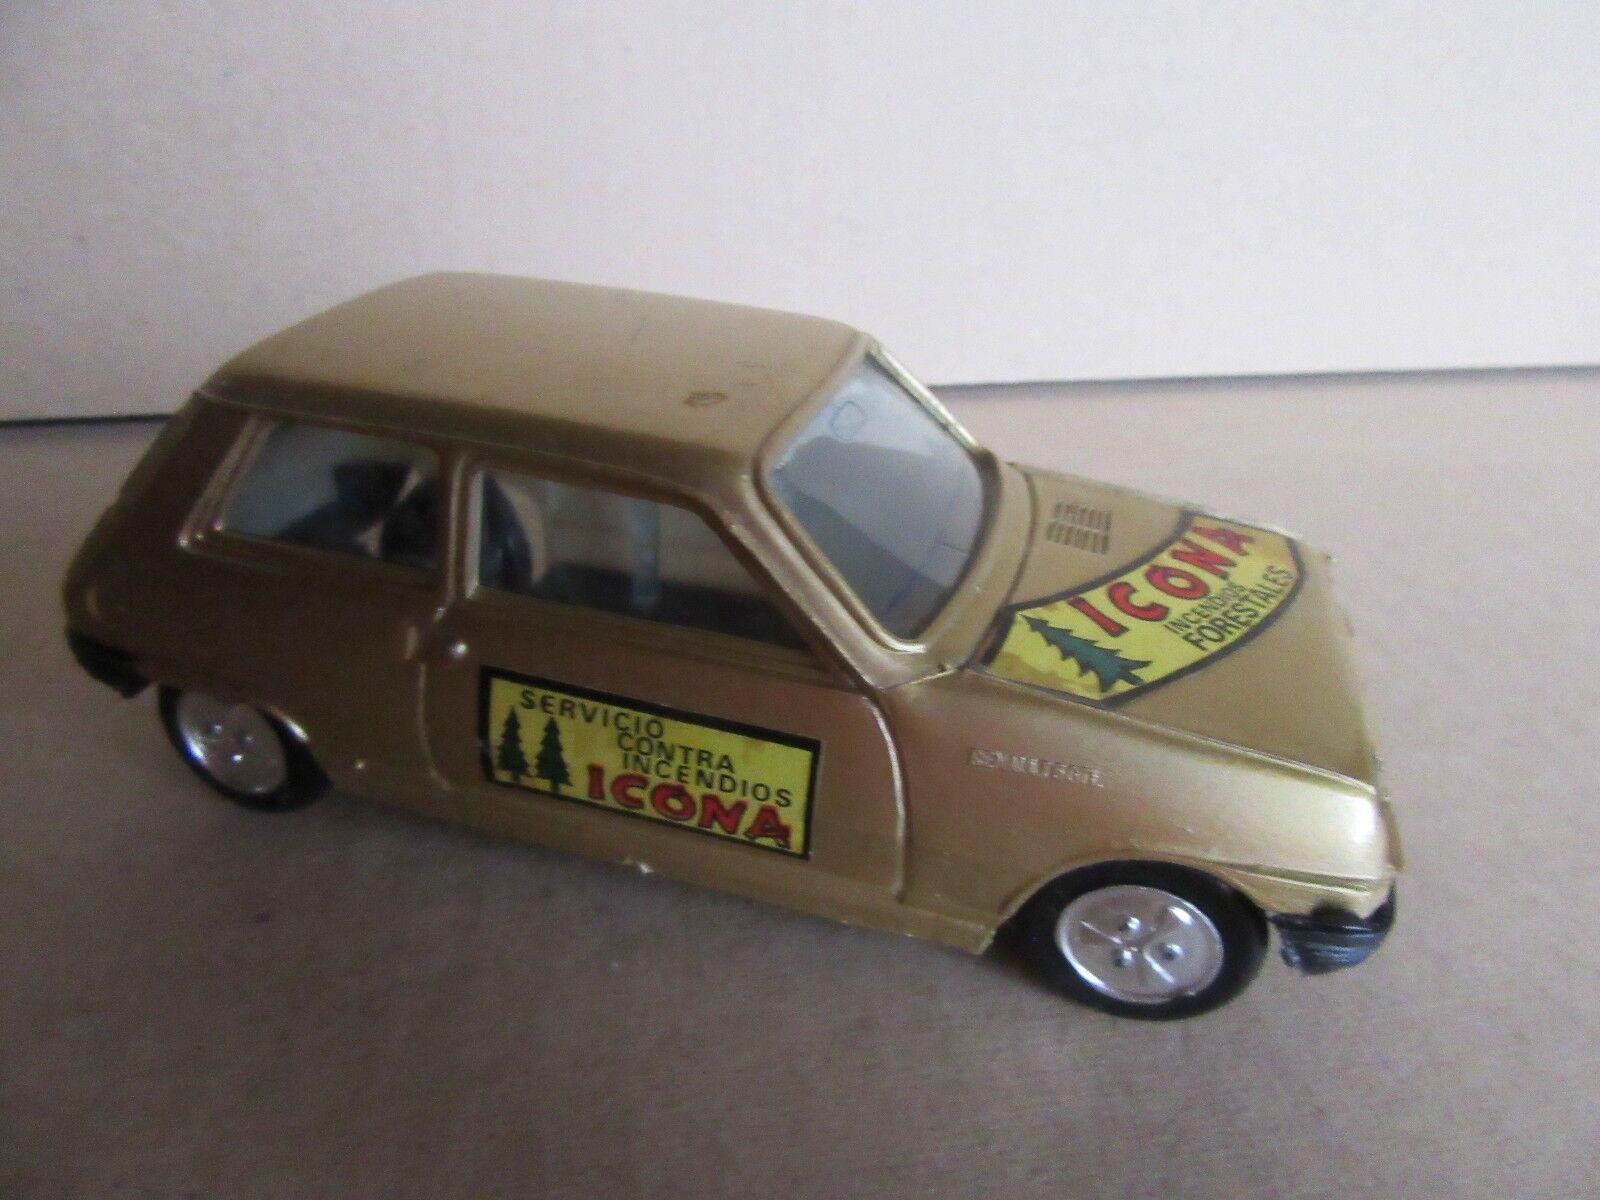 15.6oz Plasticos Albacete Vercor Renault 5 Icona L 5 11 16in